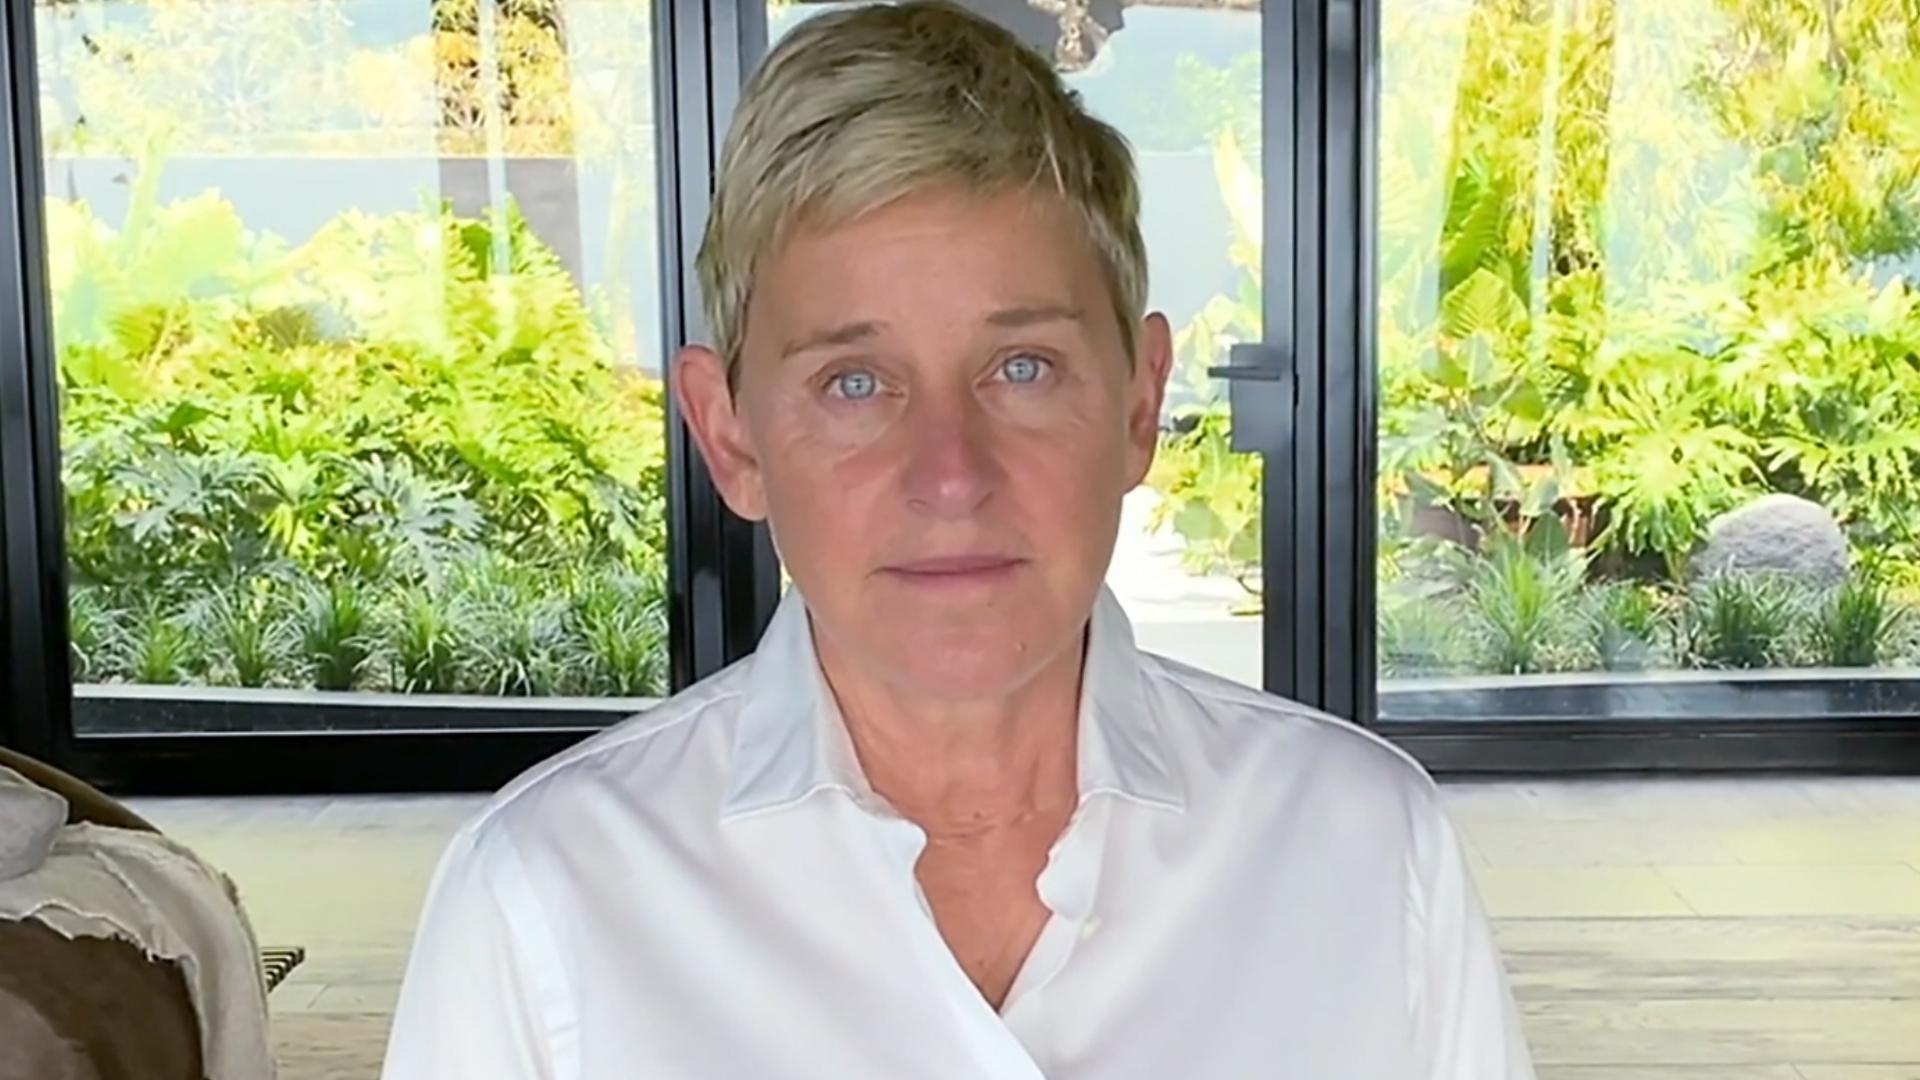 Ellen DeGeneres Announces She Tested Positive for the Coronavirus